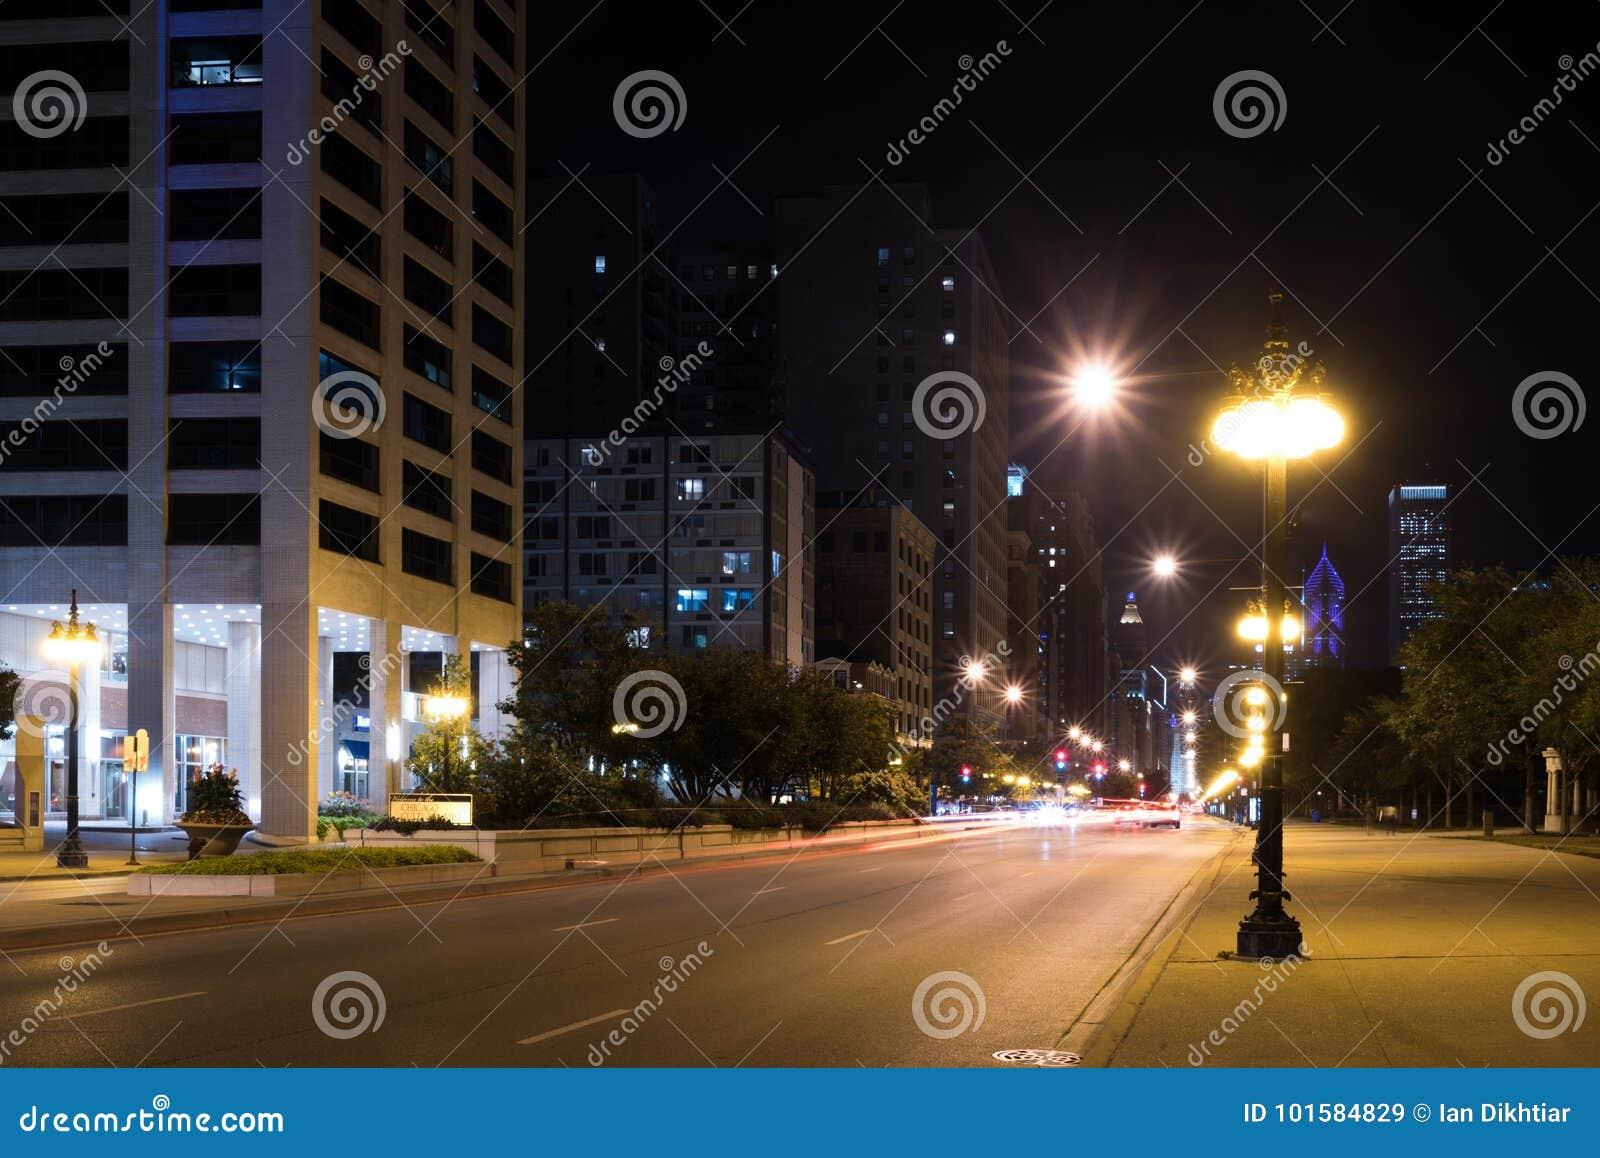 夏夜芝加哥街市街道光